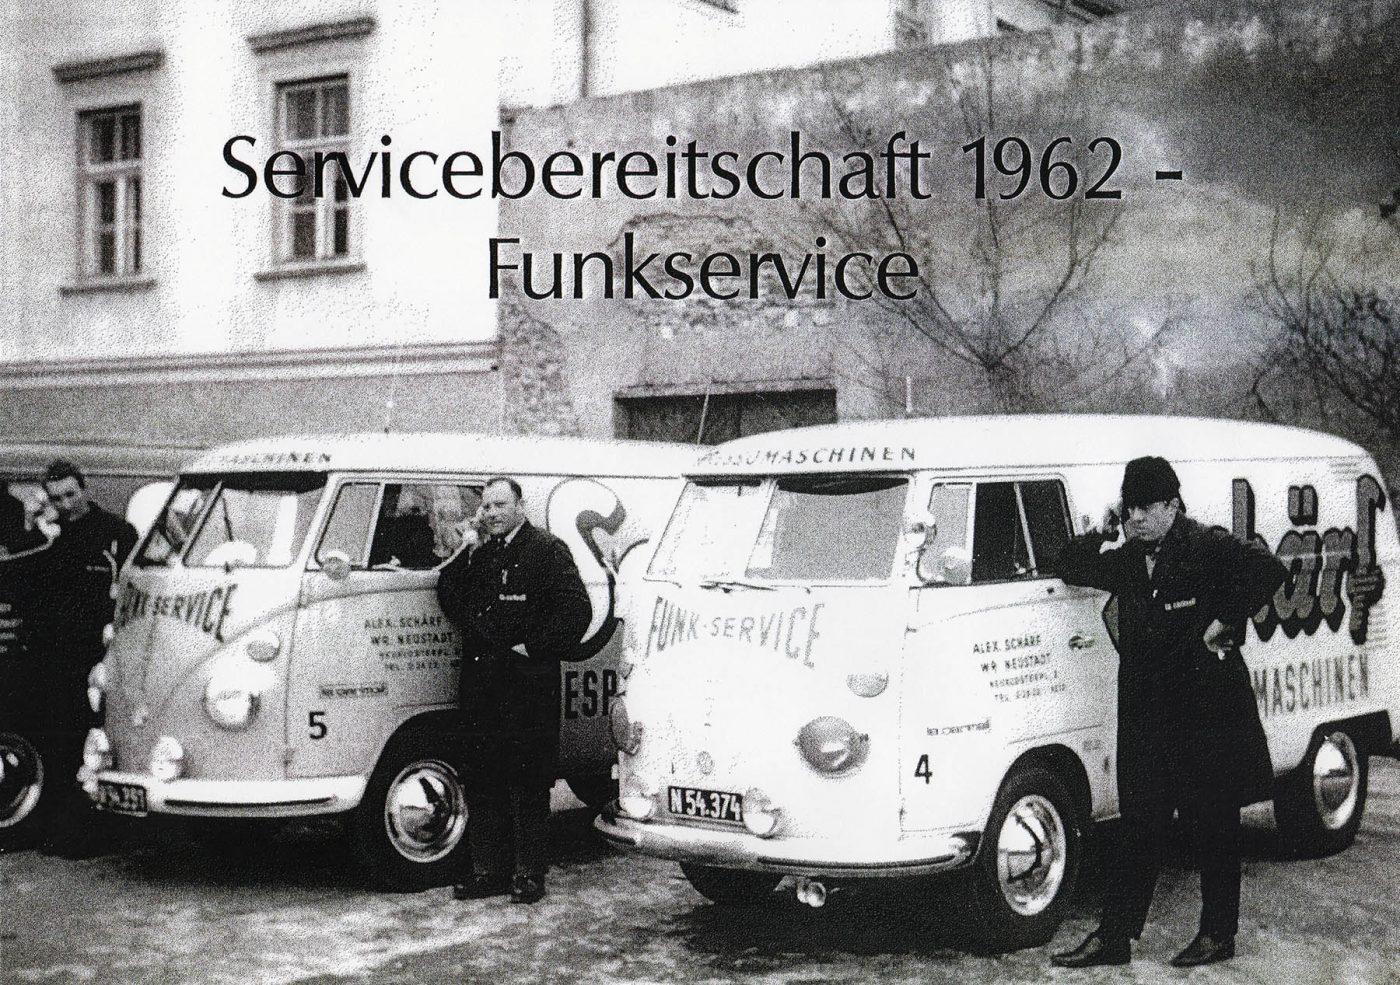 Familie Schärf Kaffee Geschichte